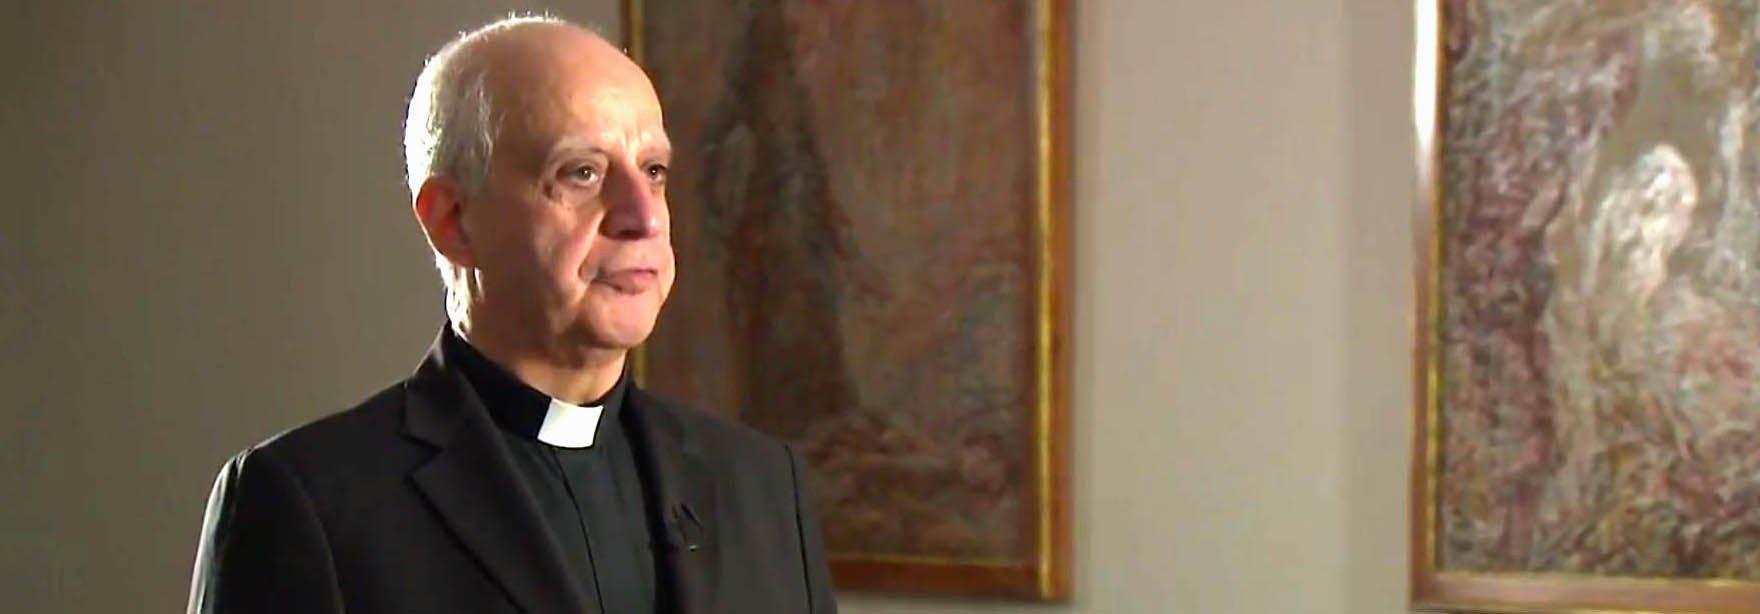 """Fisichella: """"Éste es el Pontificado de la nueva evangelización"""""""